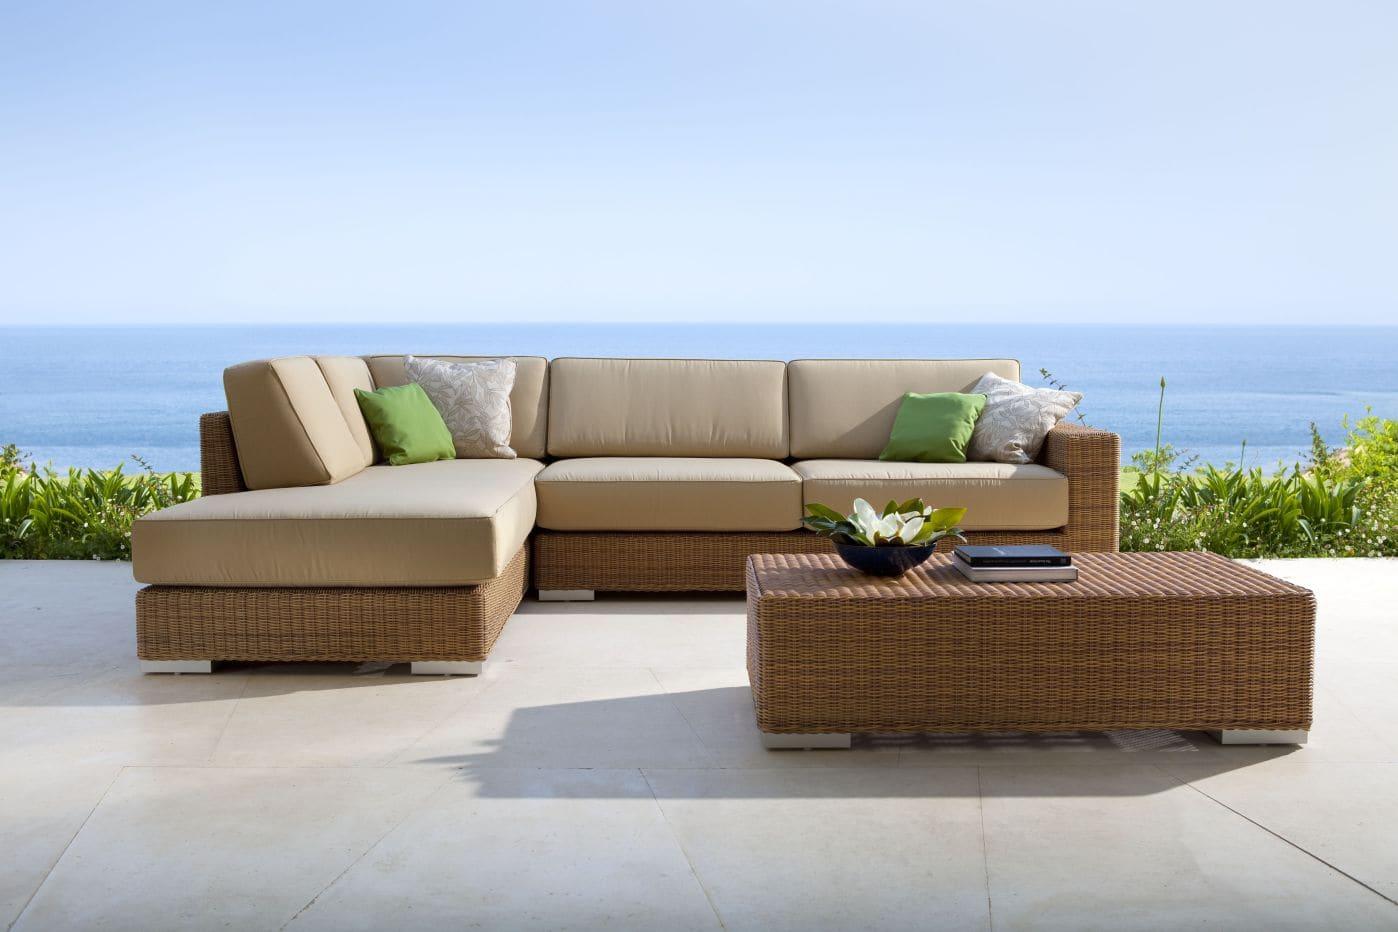 Todas las ideas para amueblar jardines y terrazas point for Muebles para terraza y jardin